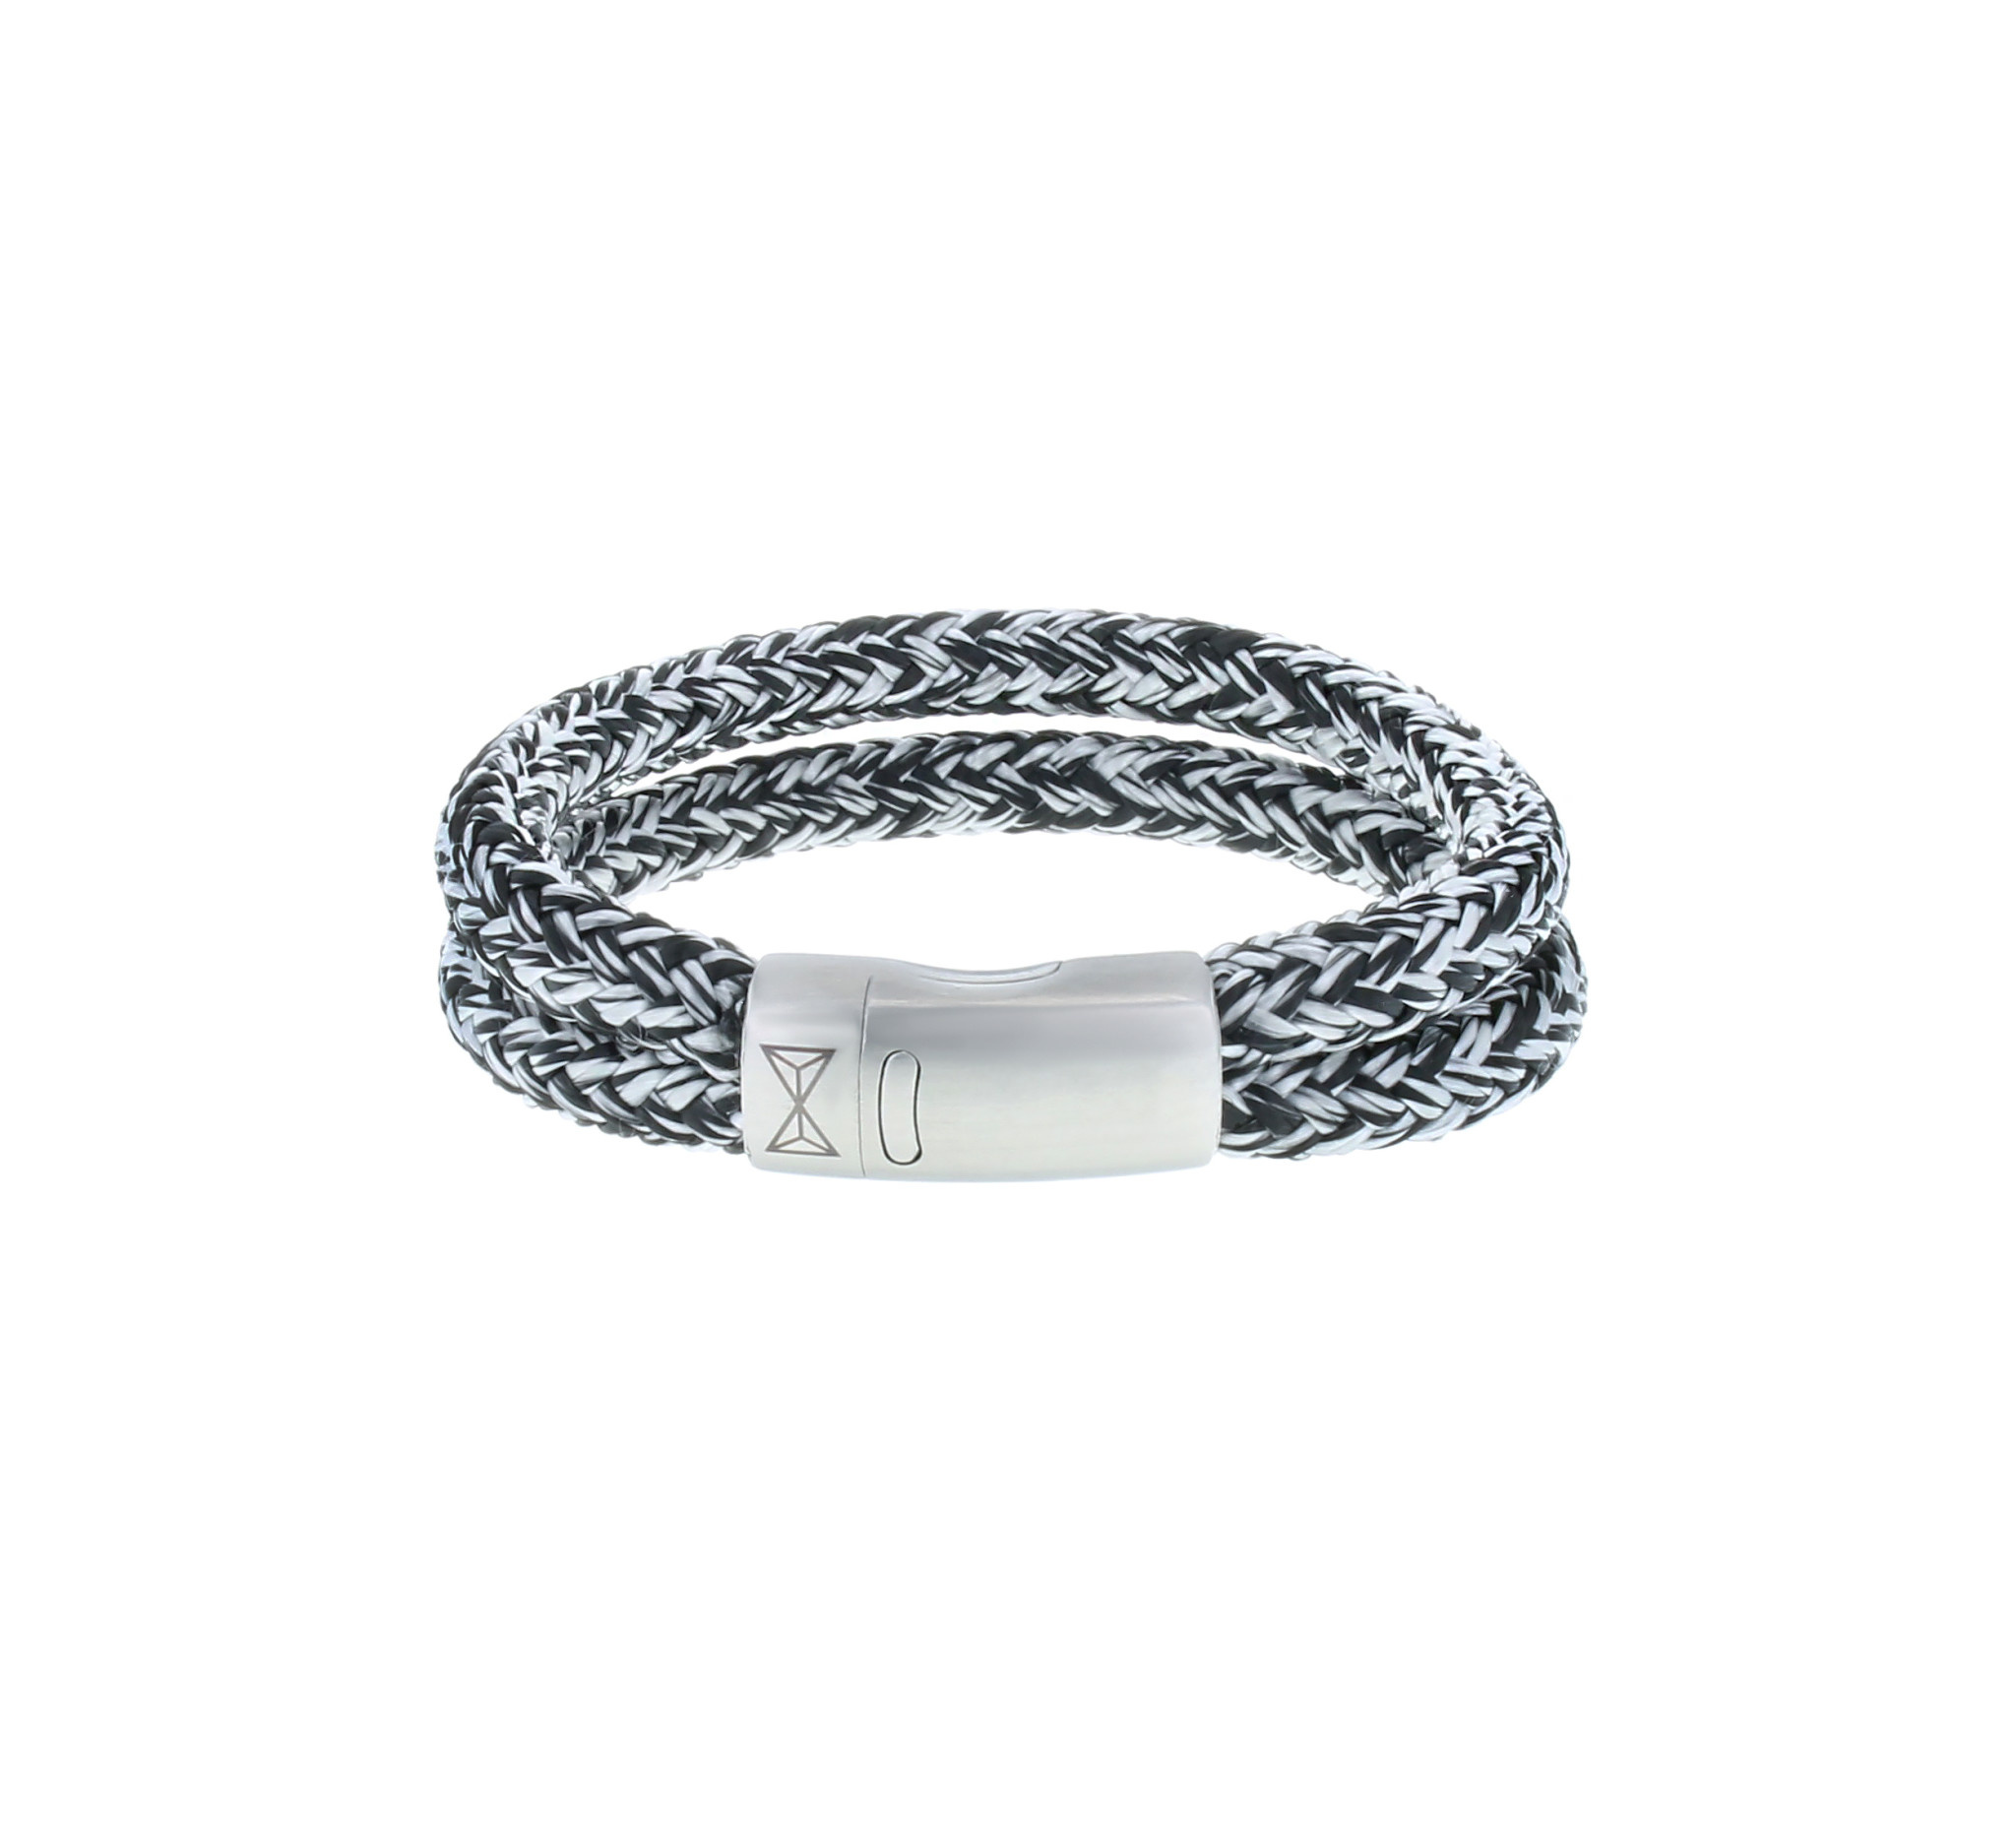 AZE Jewels ⋈ AZE Jewels Armband AZ-BT002-C-210